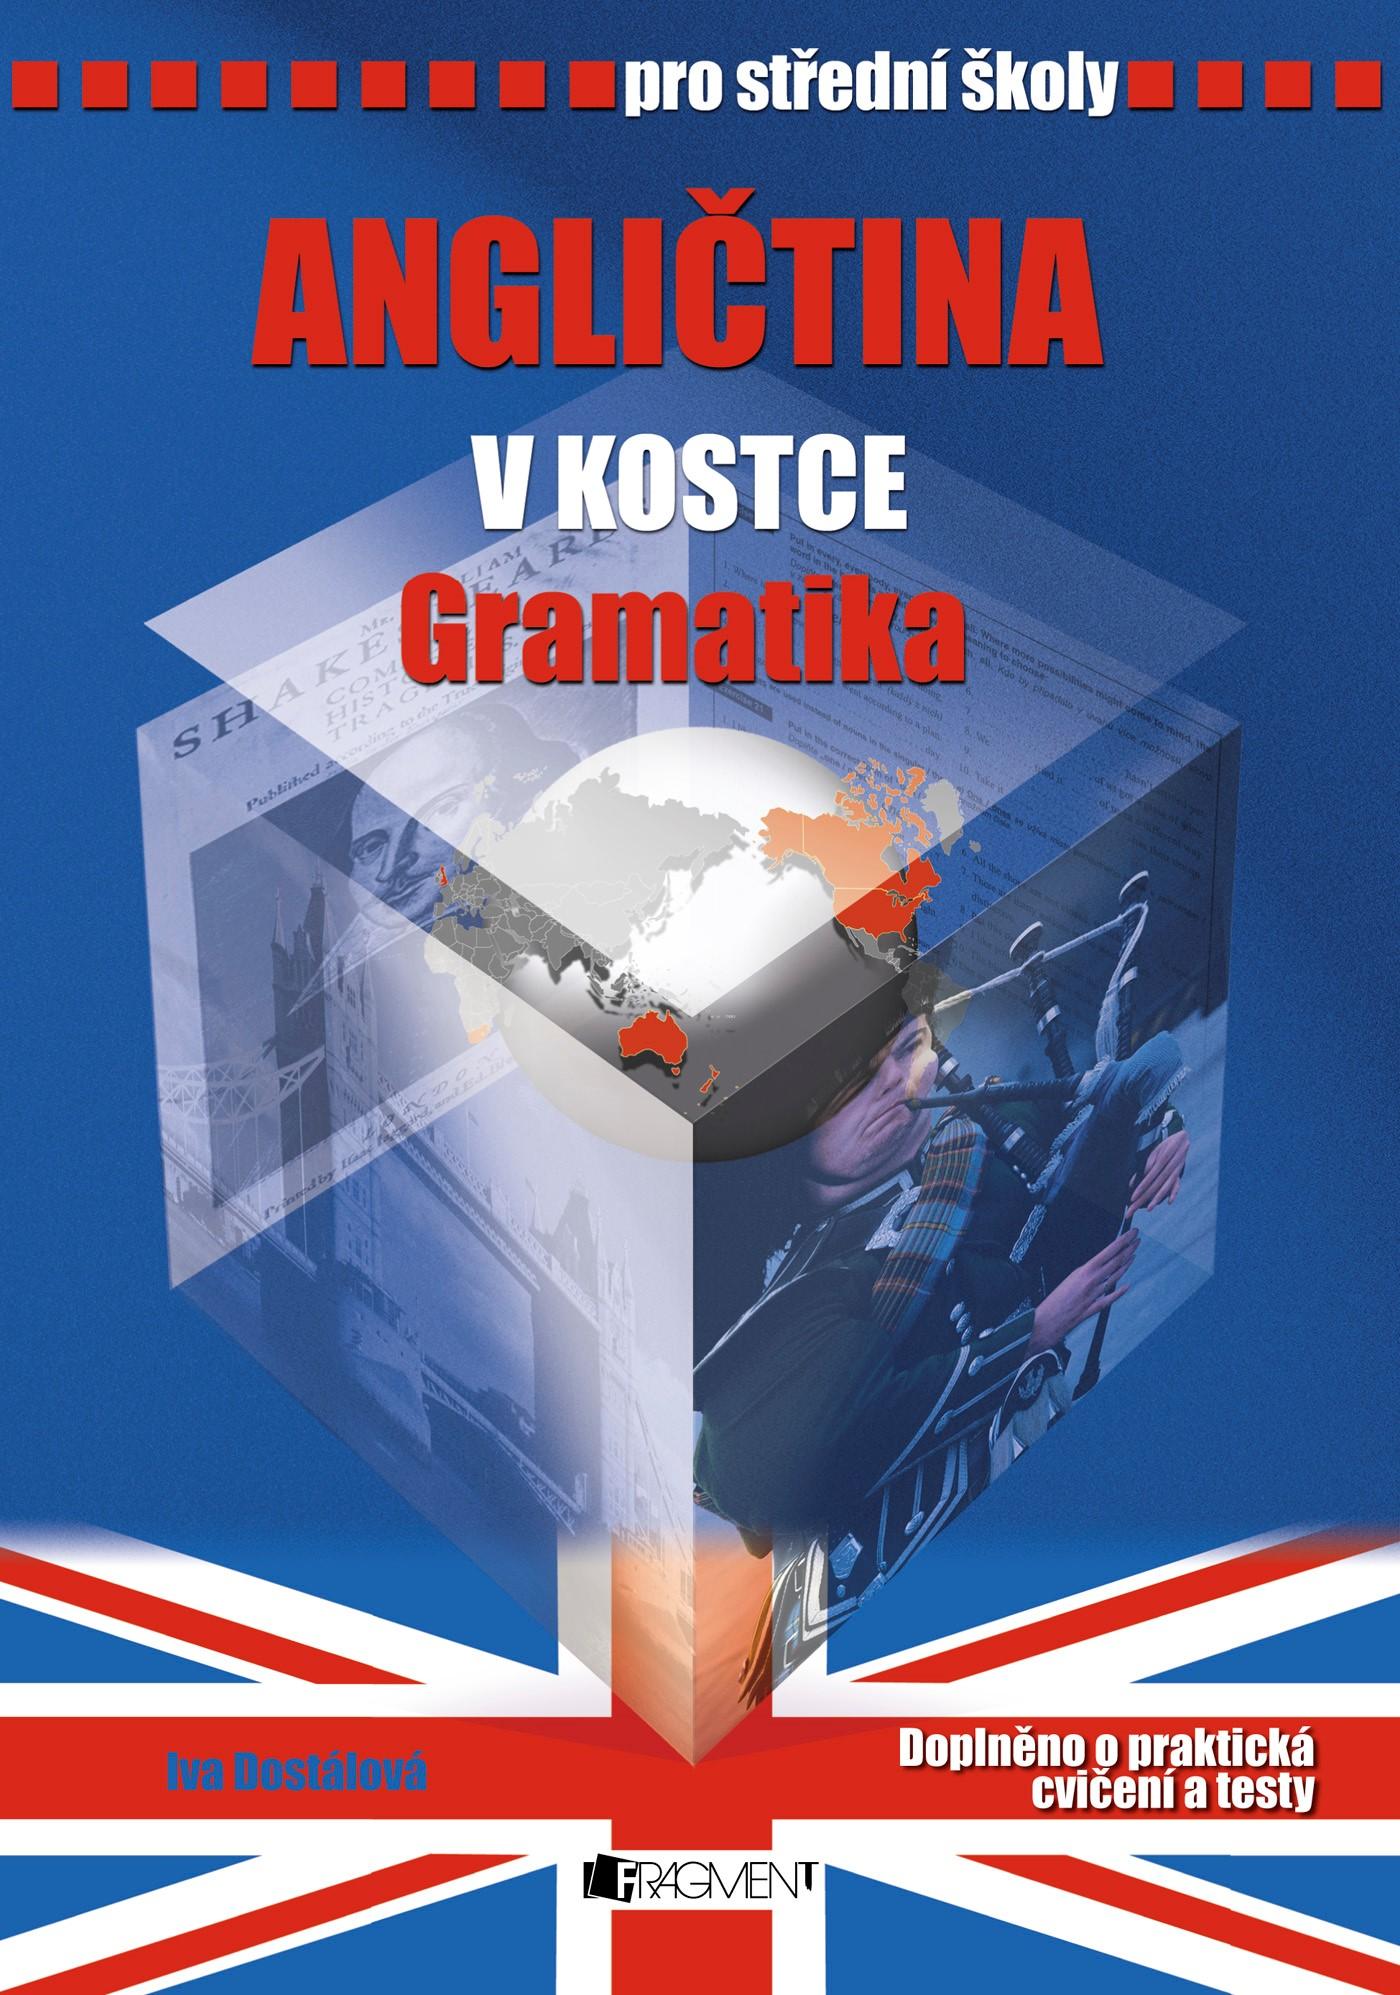 Angličtina v kostce pro SŠ - Gramatika | Pavel Kantorek, Iva Dostálová